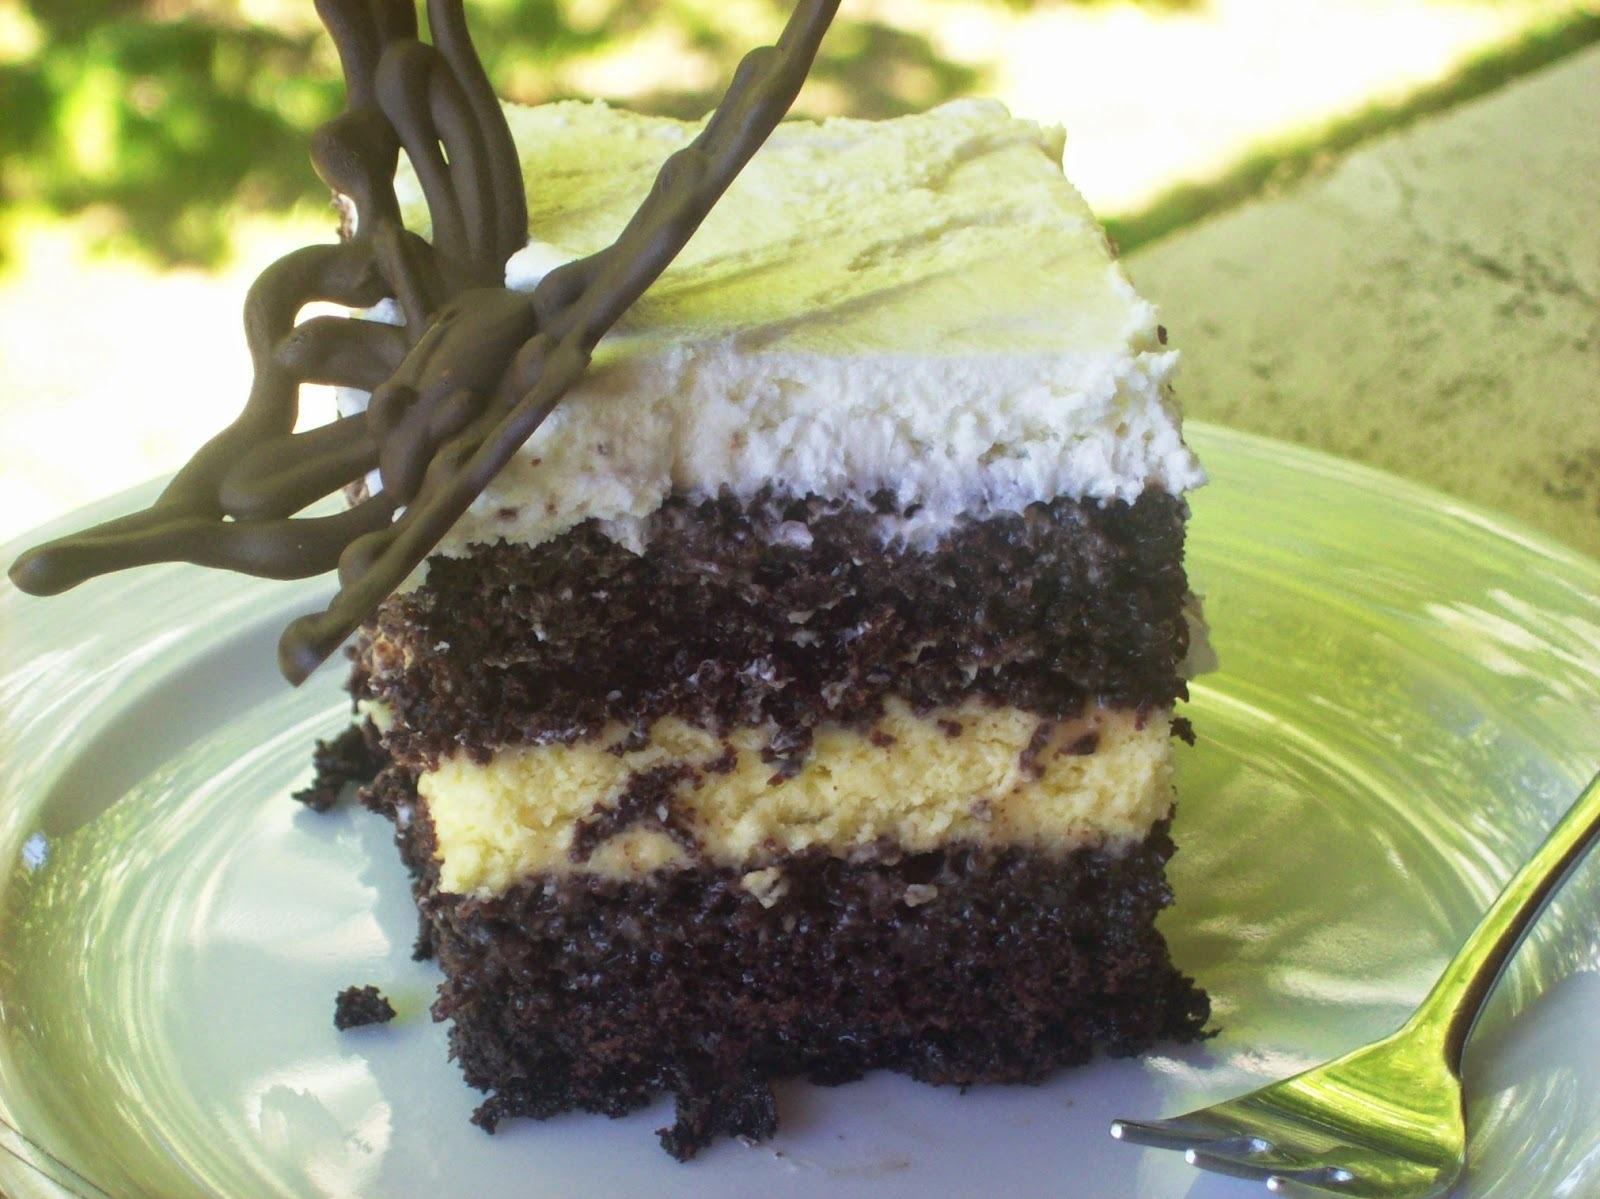 Τούρτα με σοκολατένιο παντεσπάνι, μους λευκής σοκολάτας, σάλτσα καραμέλας και σαντιγί